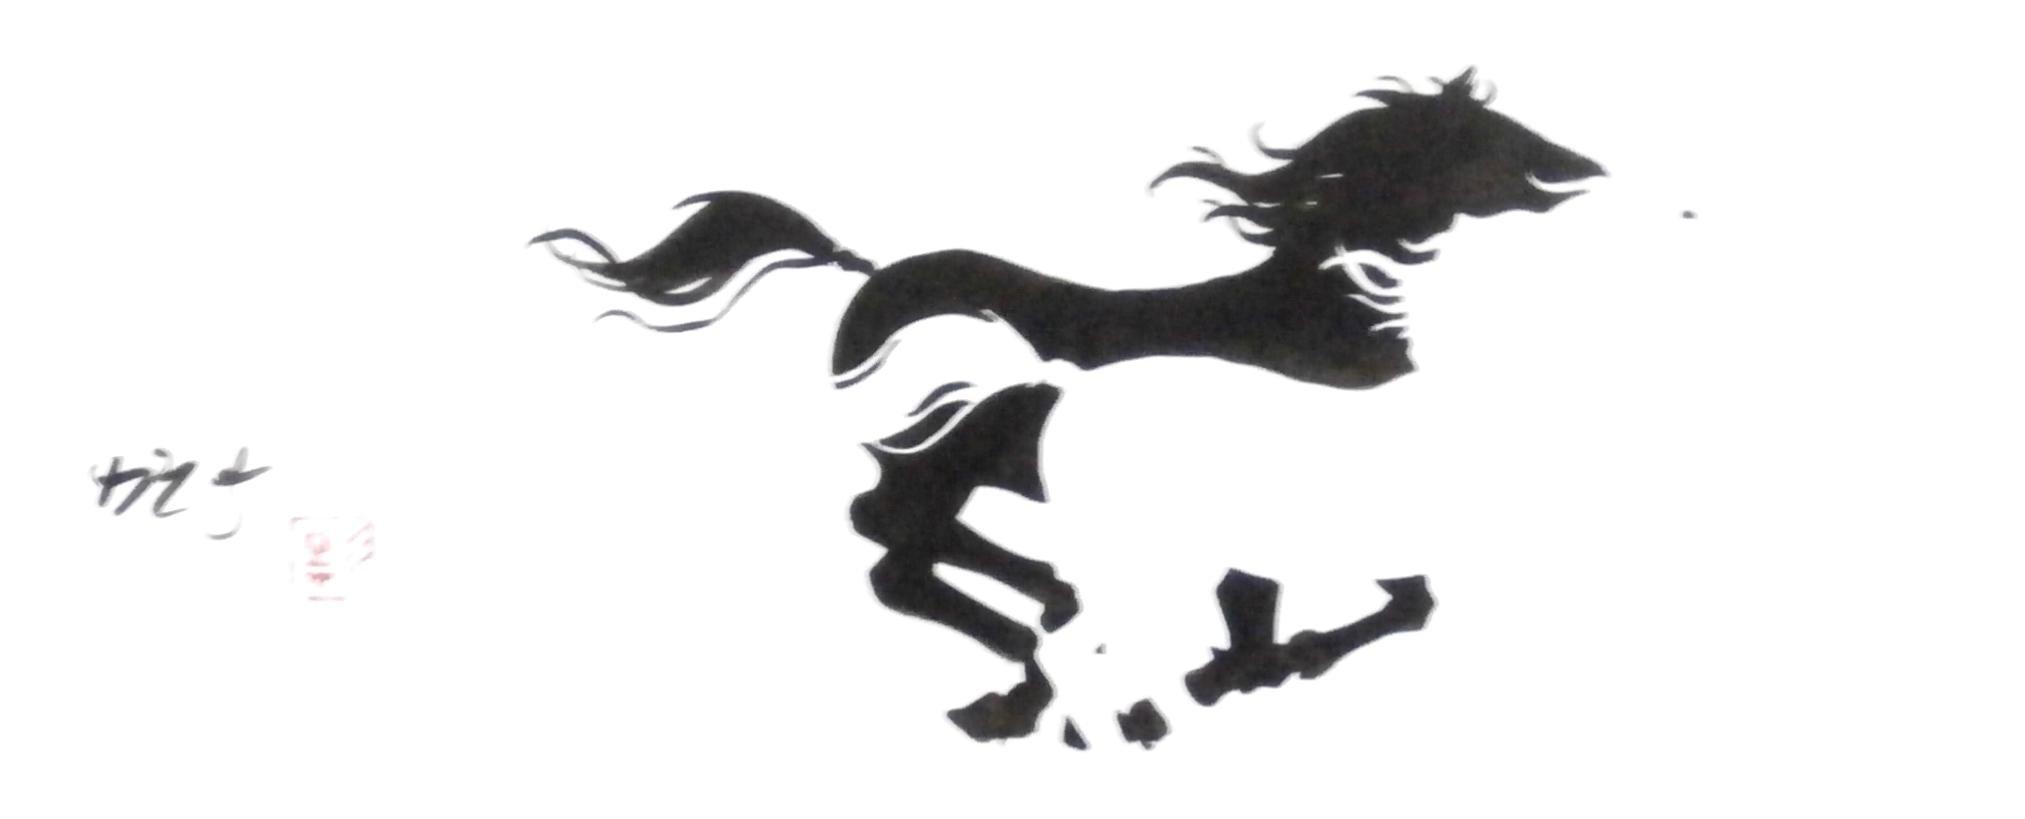 C novel dessins encres modernes - Cheval a imprimer noir et blanc ...